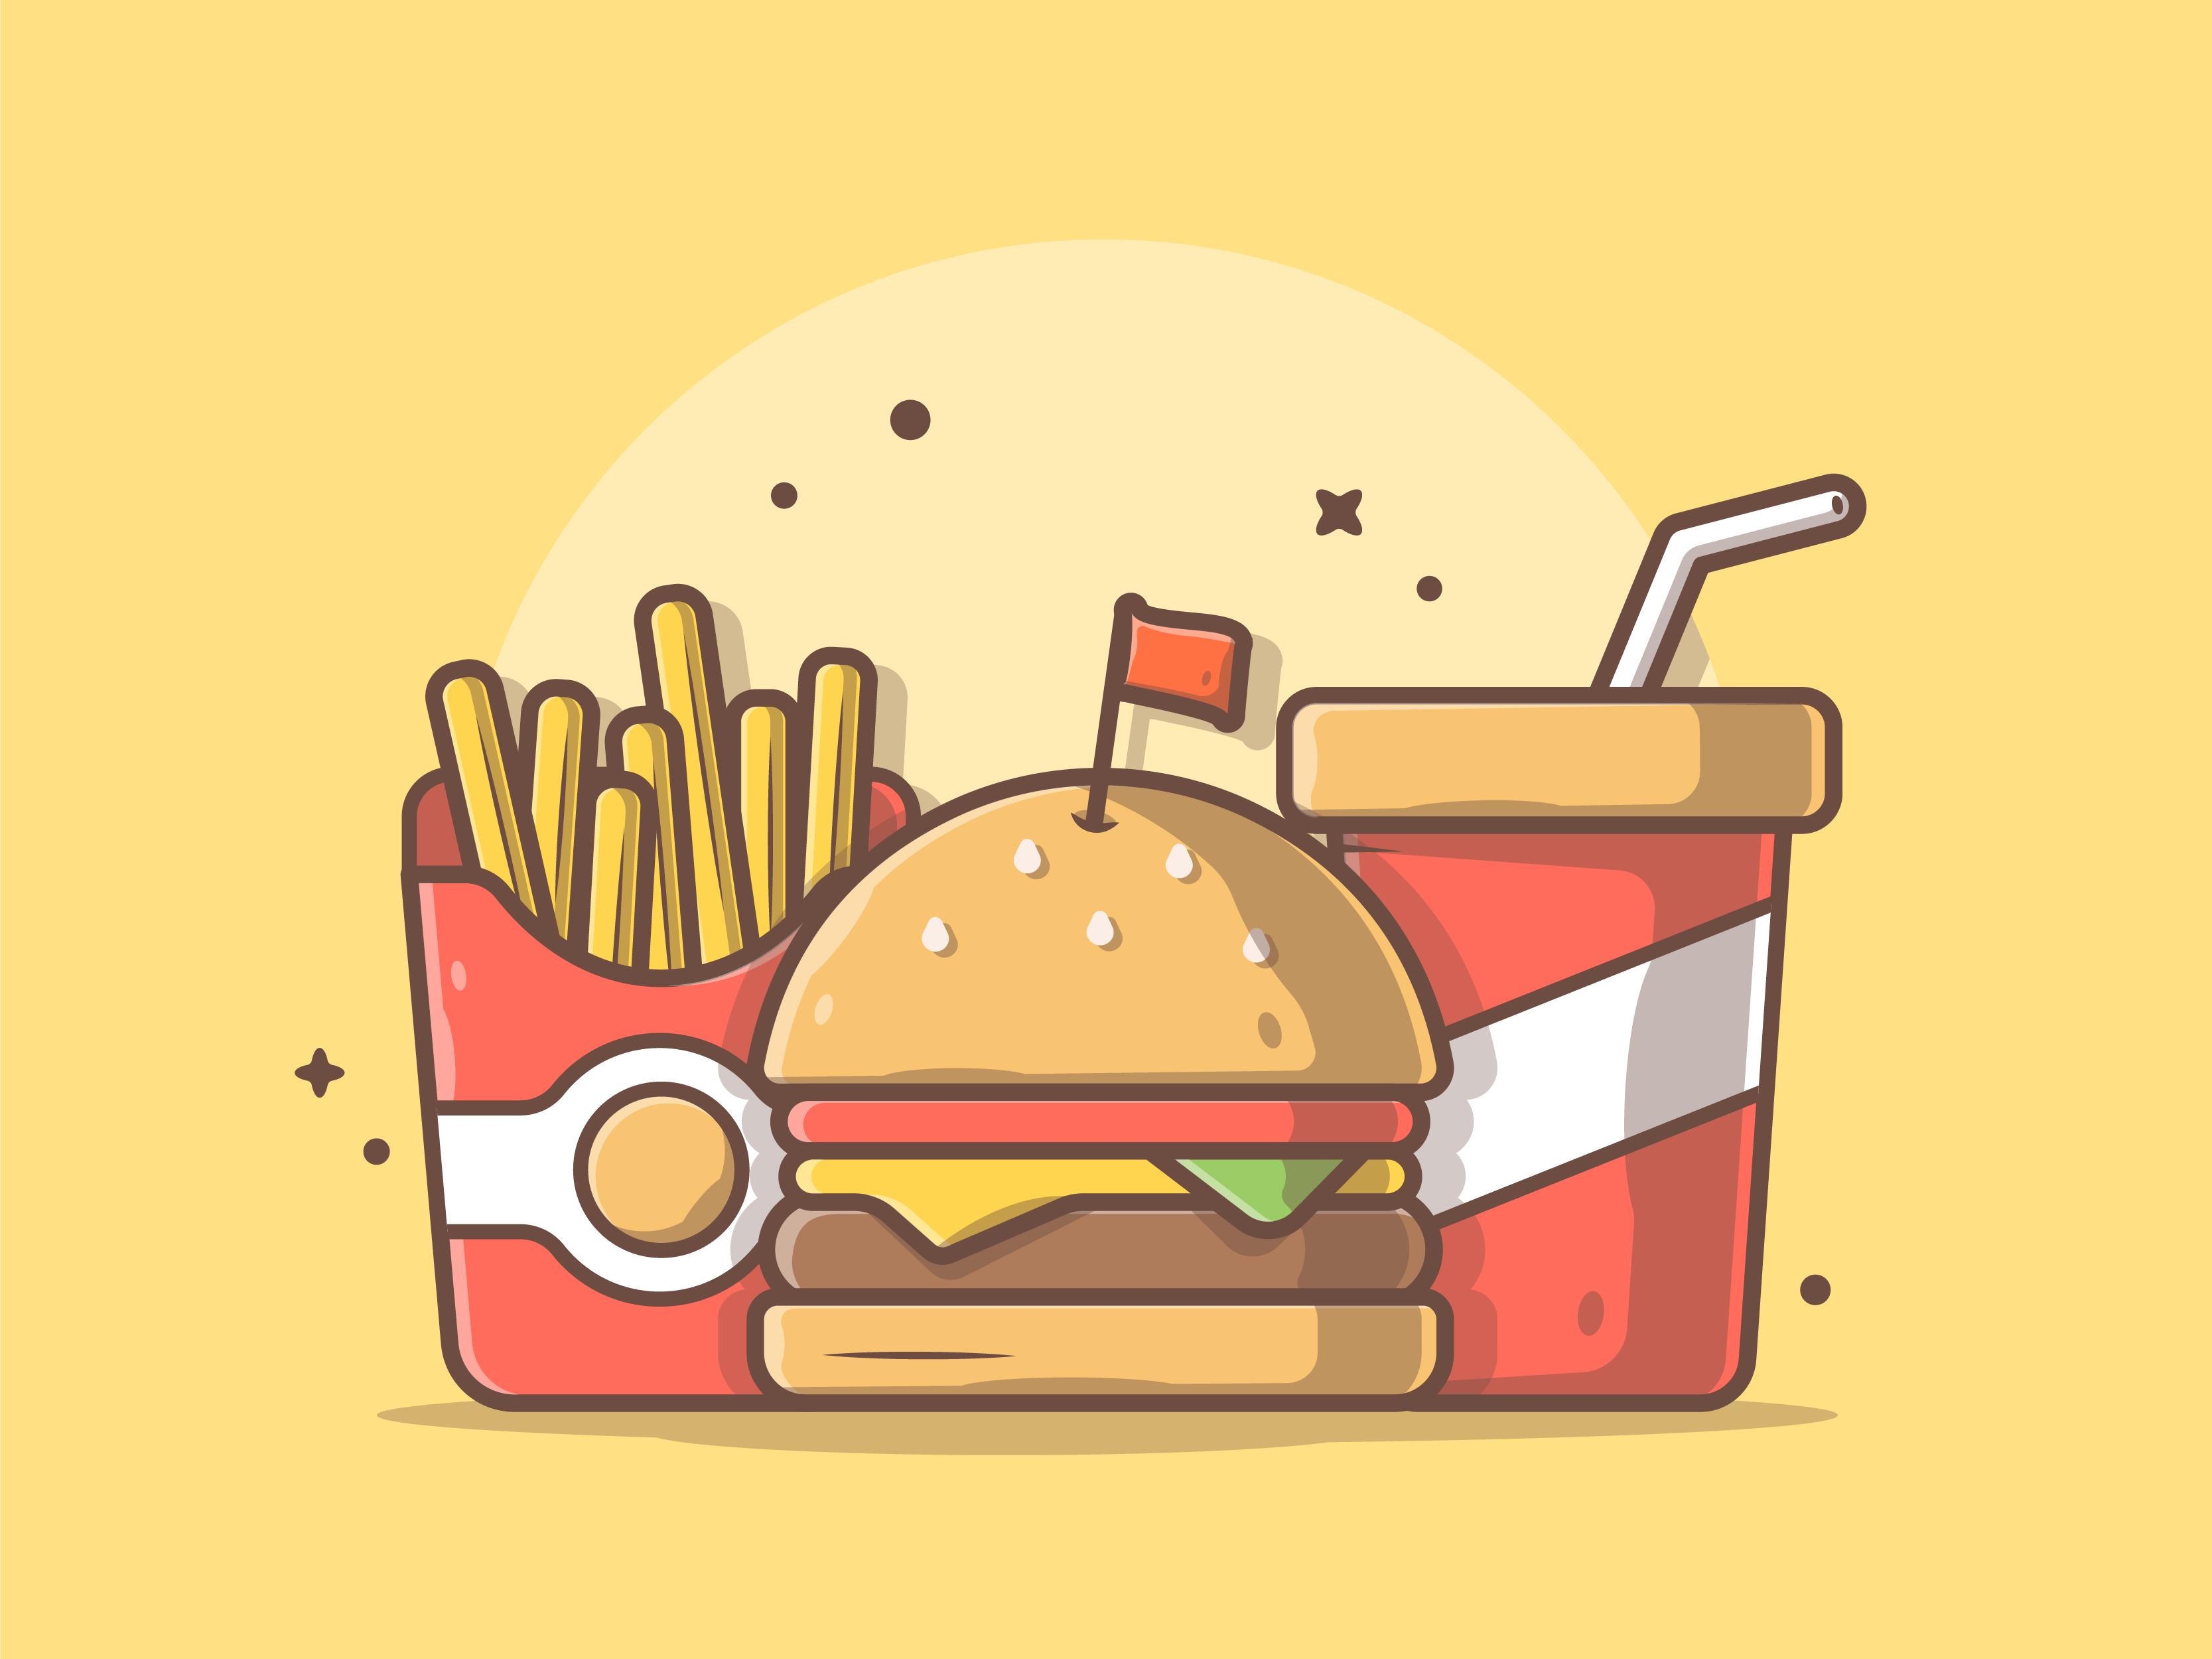 Kid Meals Cute Food Drawings Food Illustration Design Food Cartoon